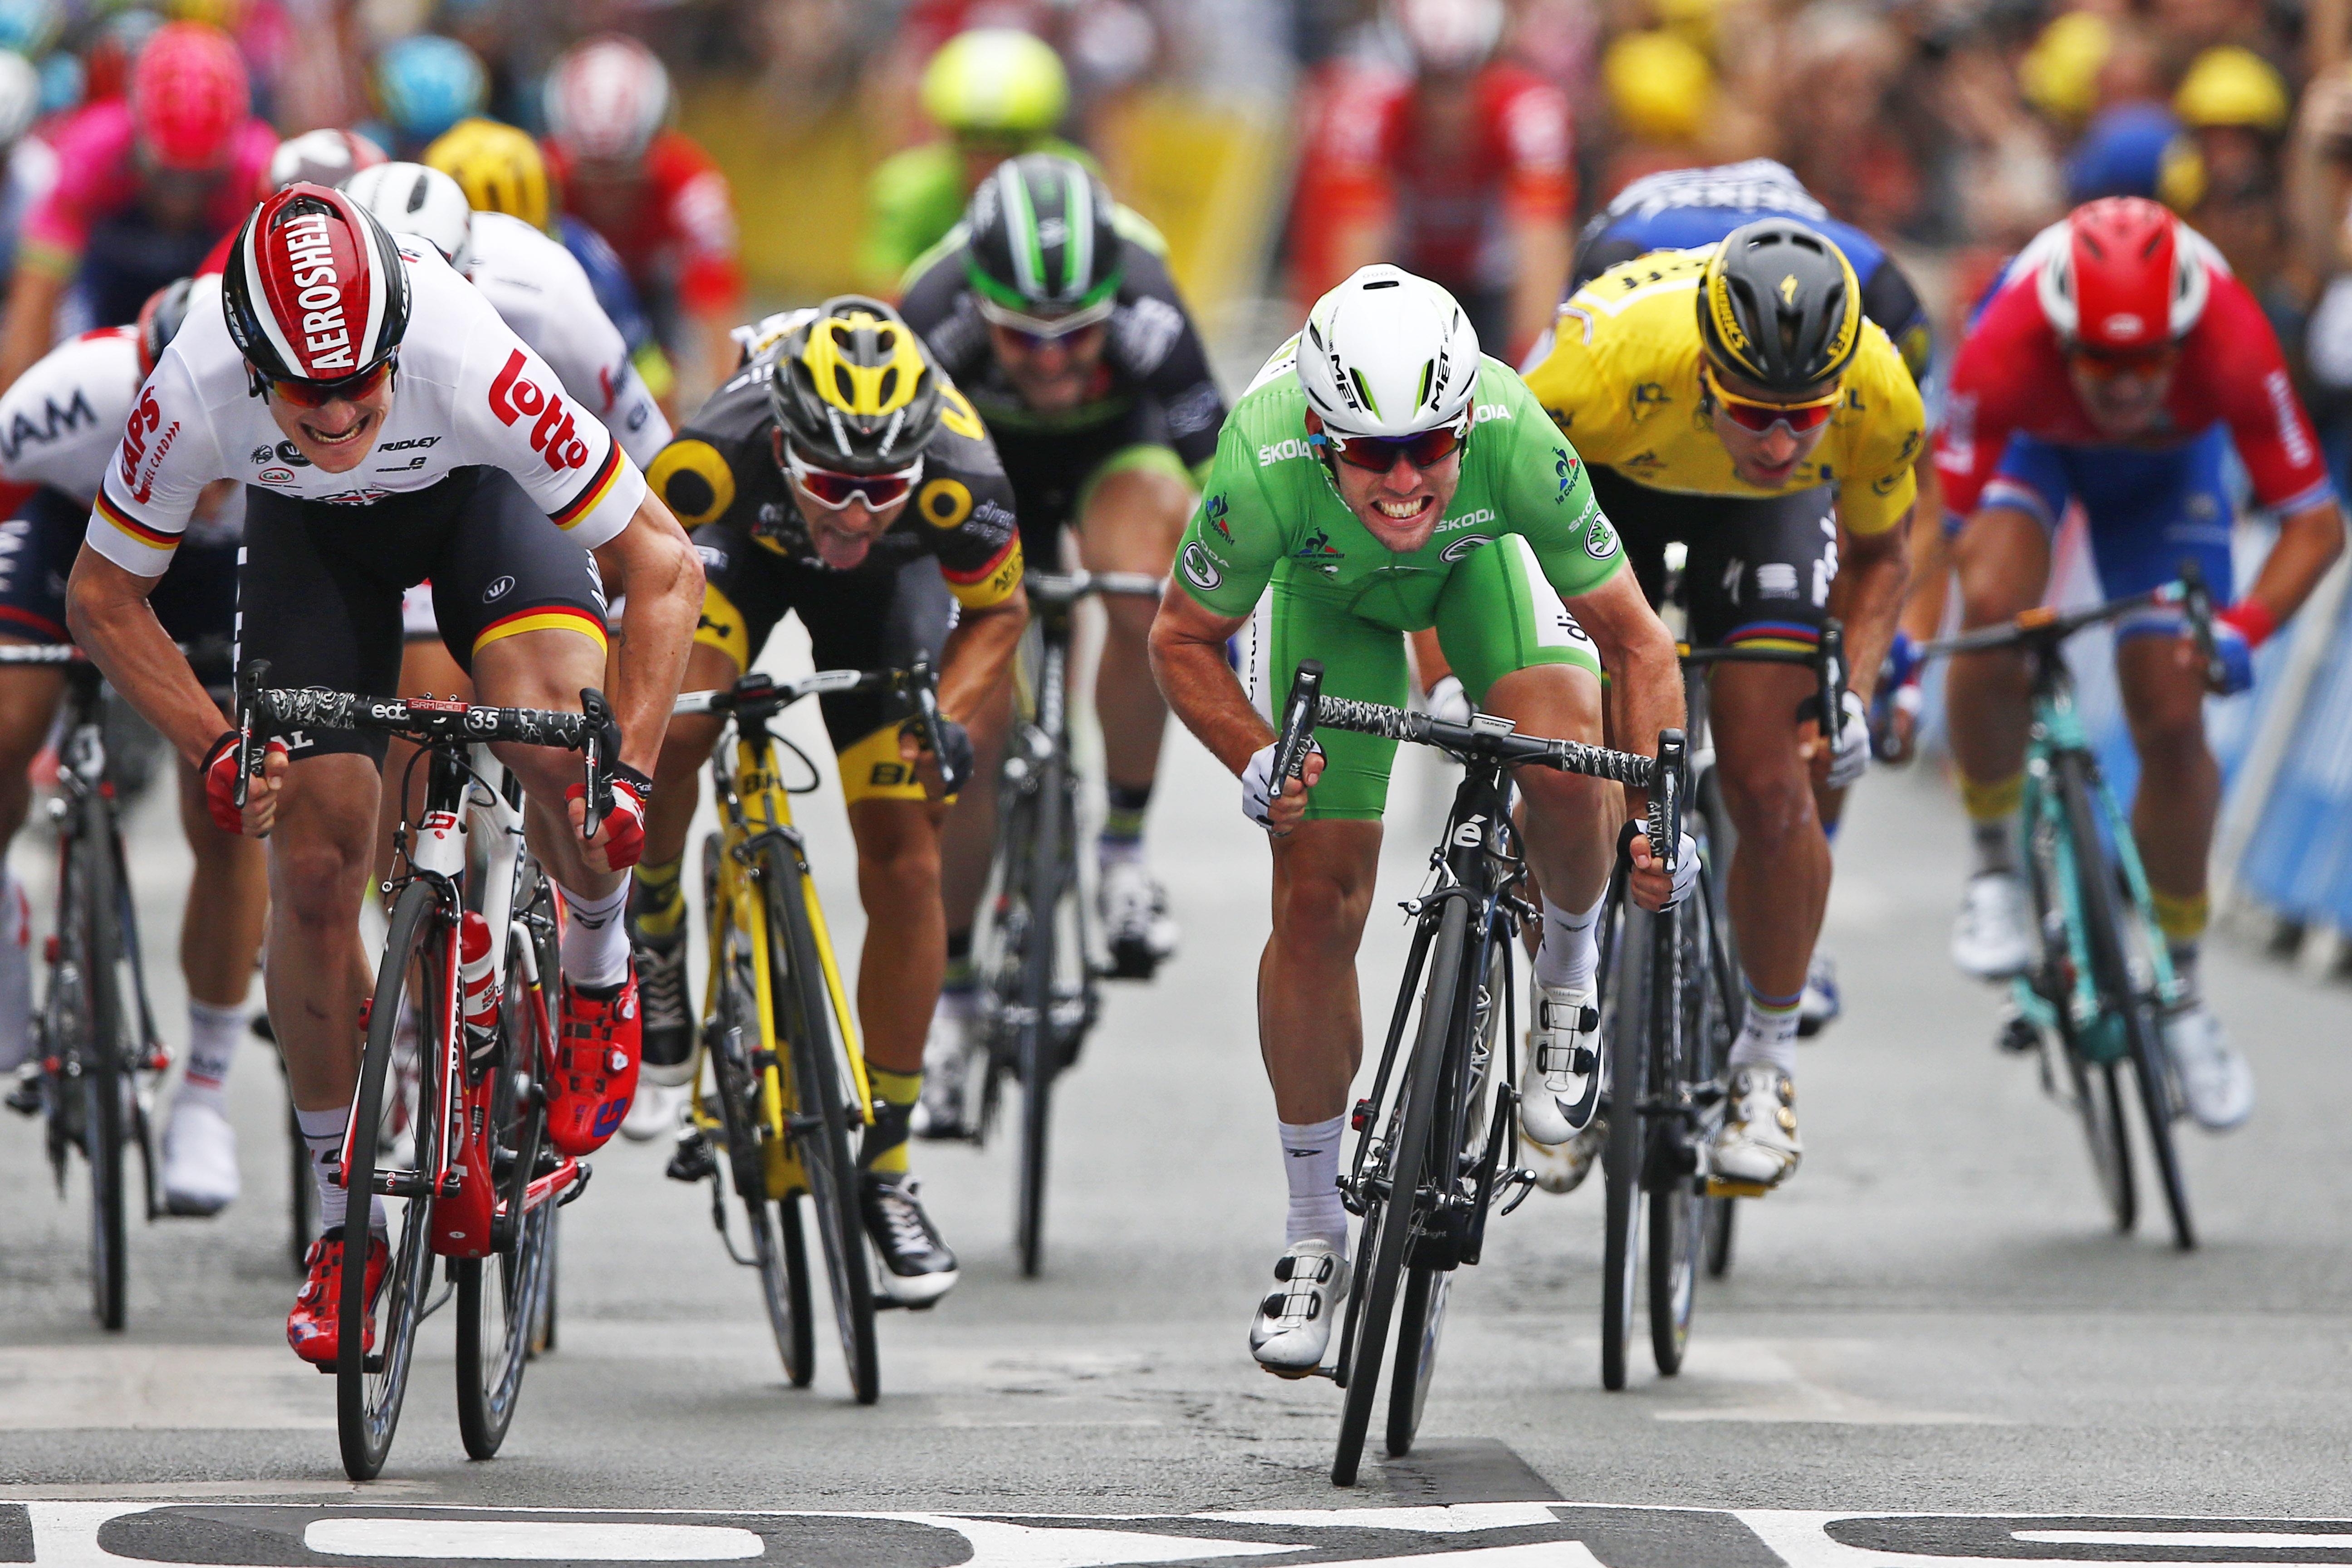 [******] Vercorin Racing Club : The Legend of cyclism - Page 4 Tour-de-France-Cavendish-remet-ca-et-egale-Hinault